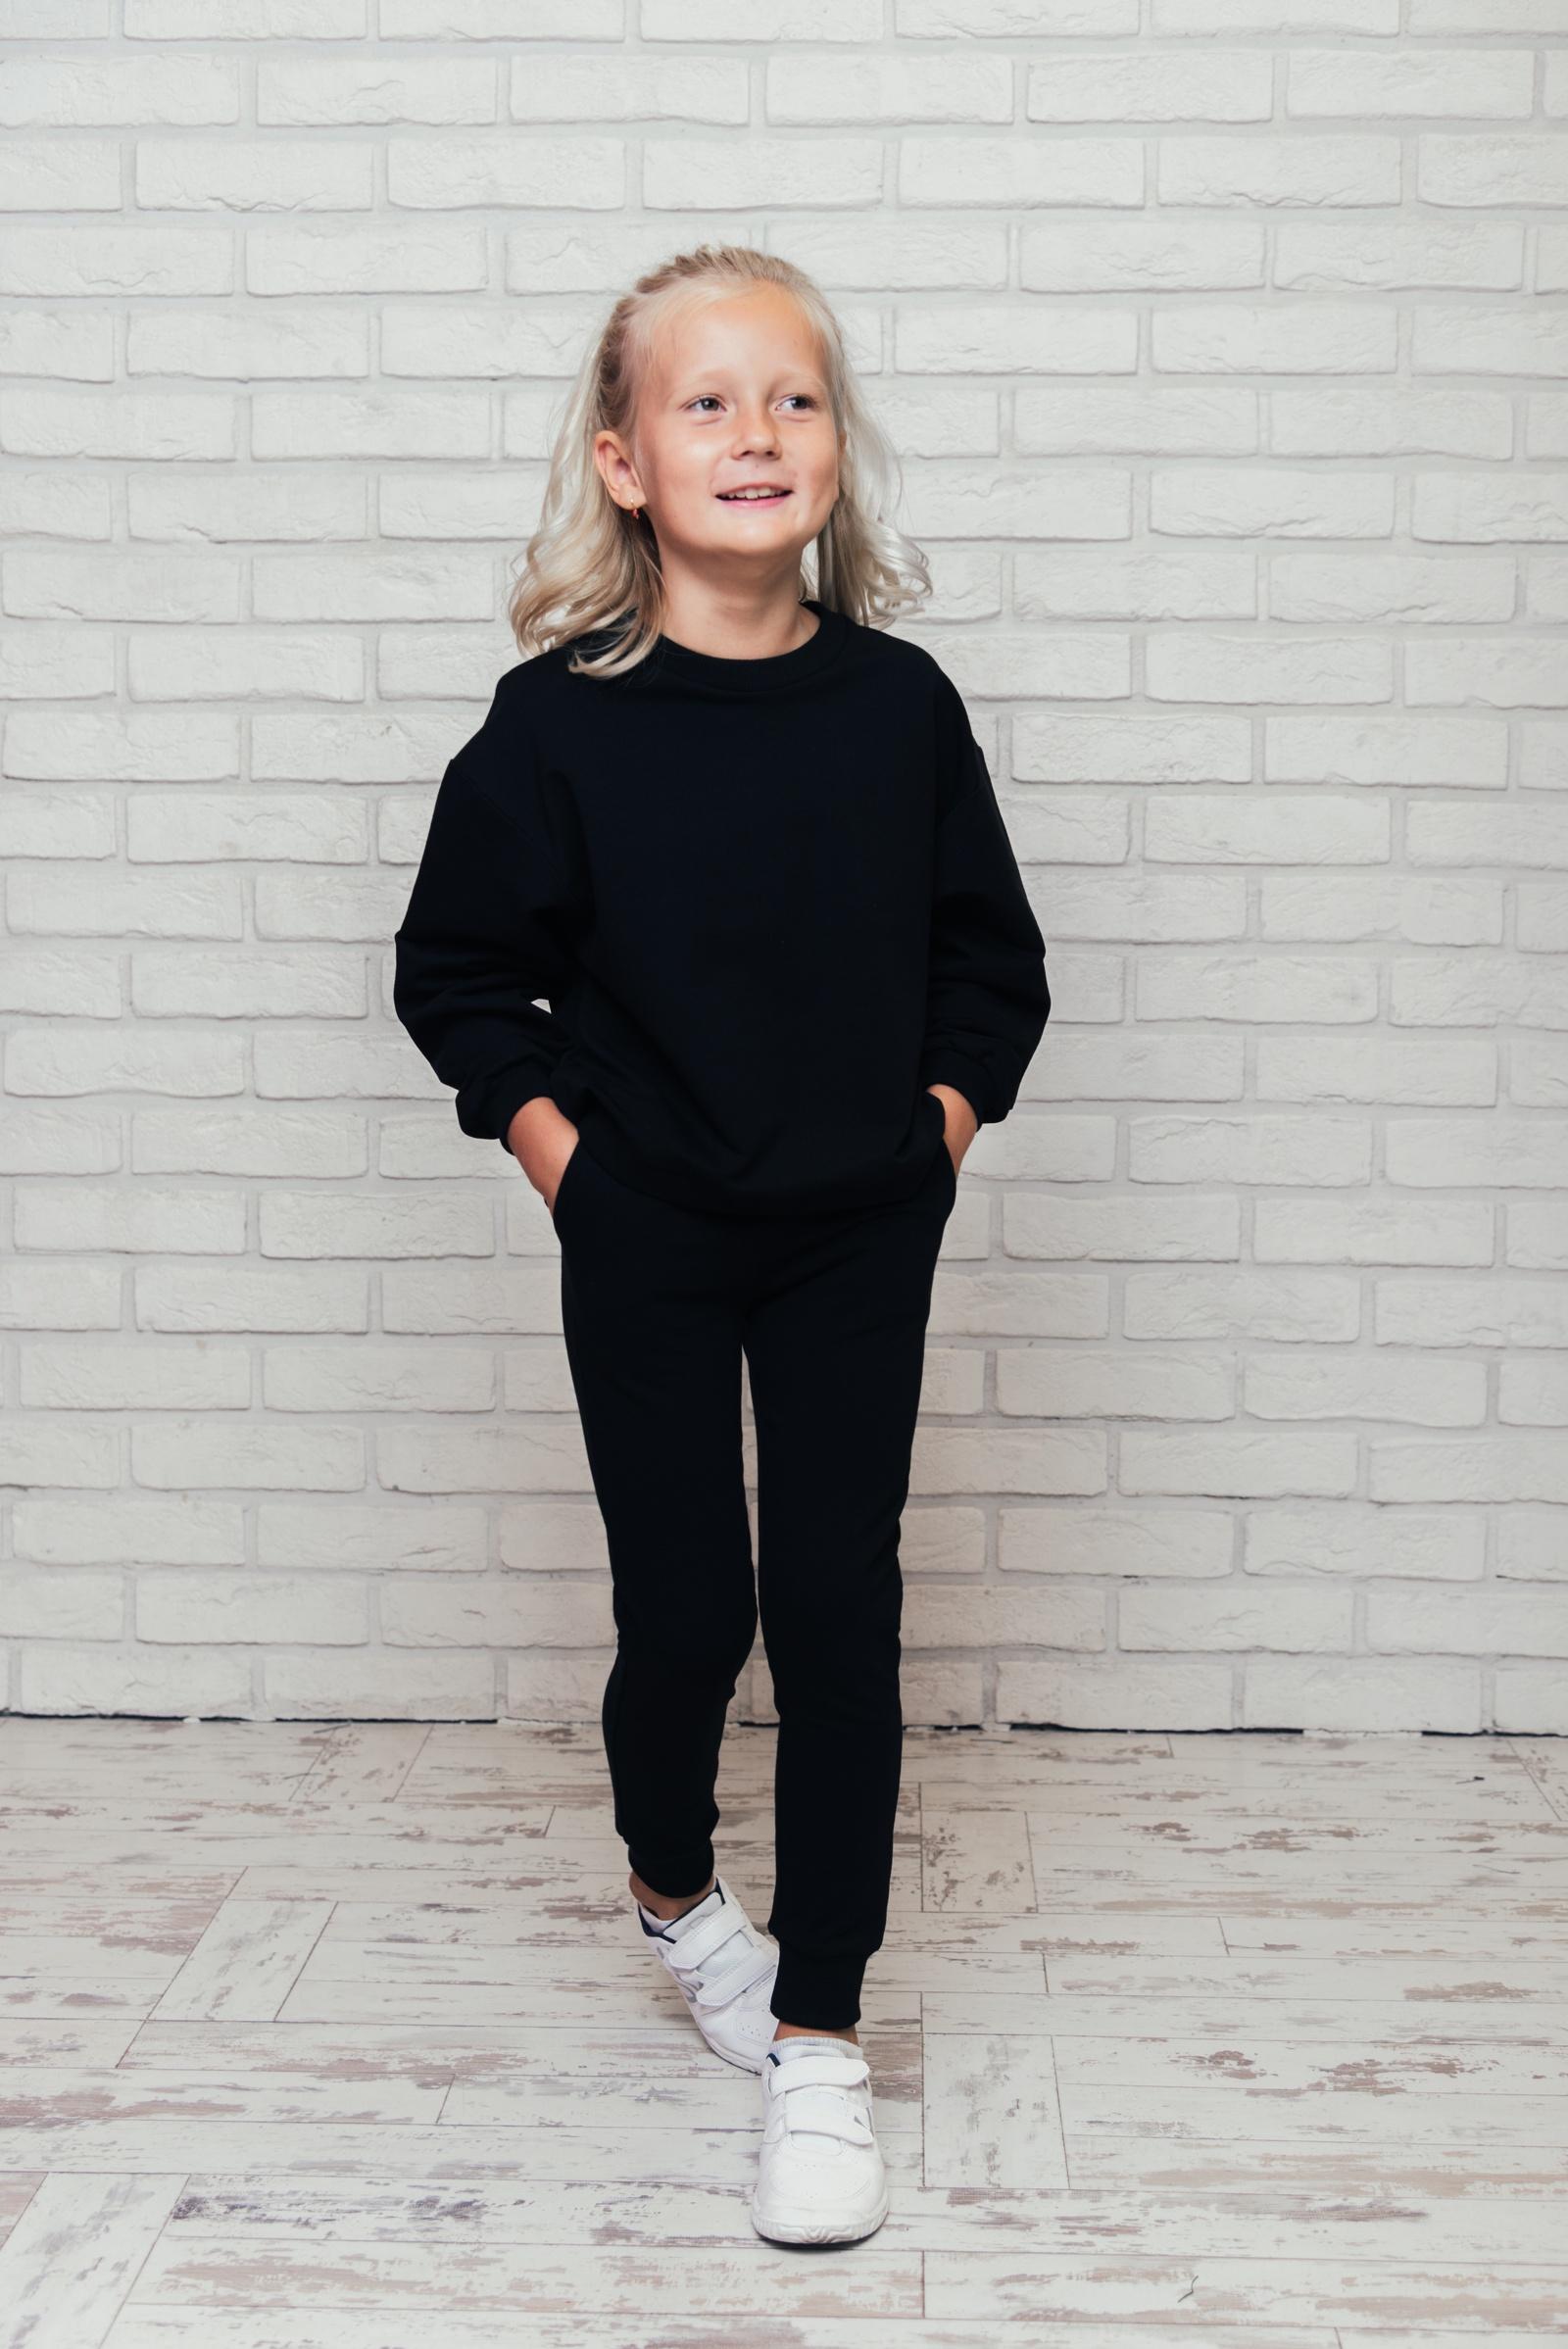 Брюки спортивные TForma, TForma/ReForma брюки спортивные для девочки cherubino цвет серый меланж caj 7707 размер 128